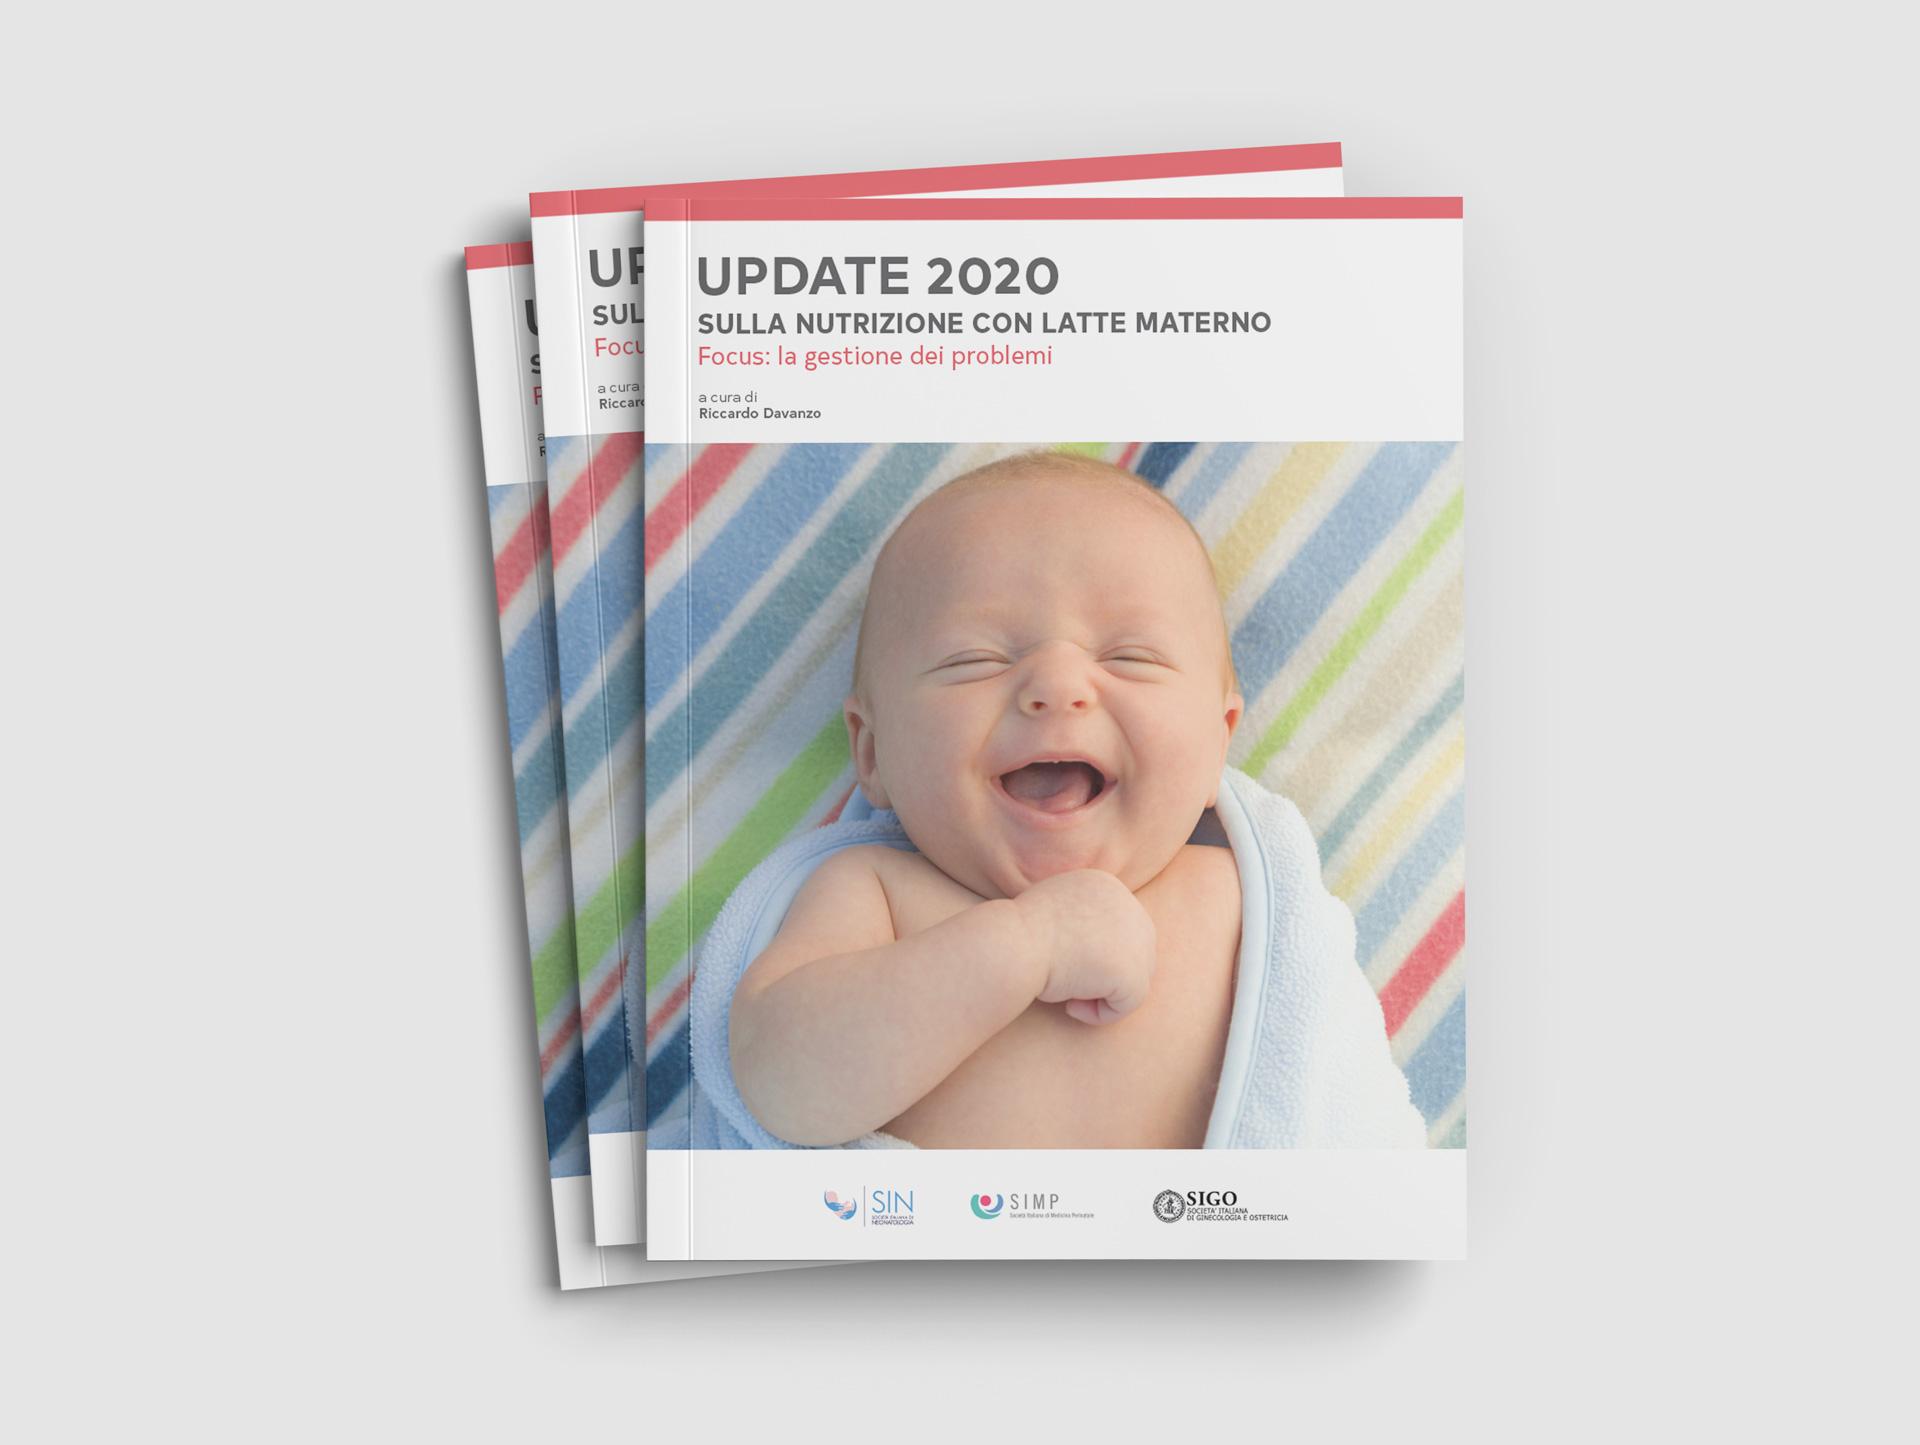 Copertina volume Update2020 con bambino che sorride